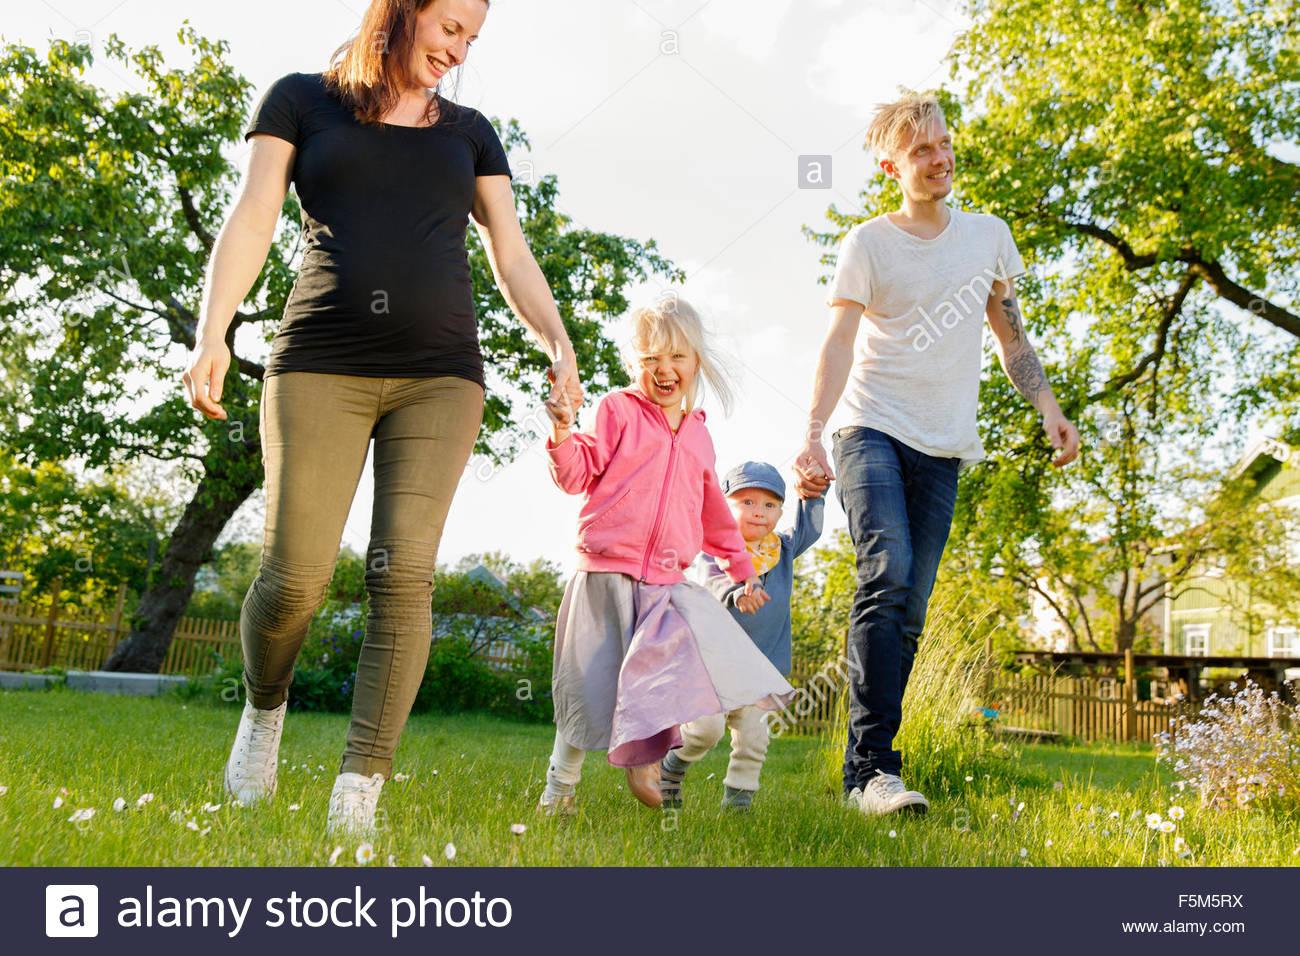 Suecia, Sodermanland, Jarna, familia con dos niños (12-17 meses, 4-5) en el jardín Imagen De Stock